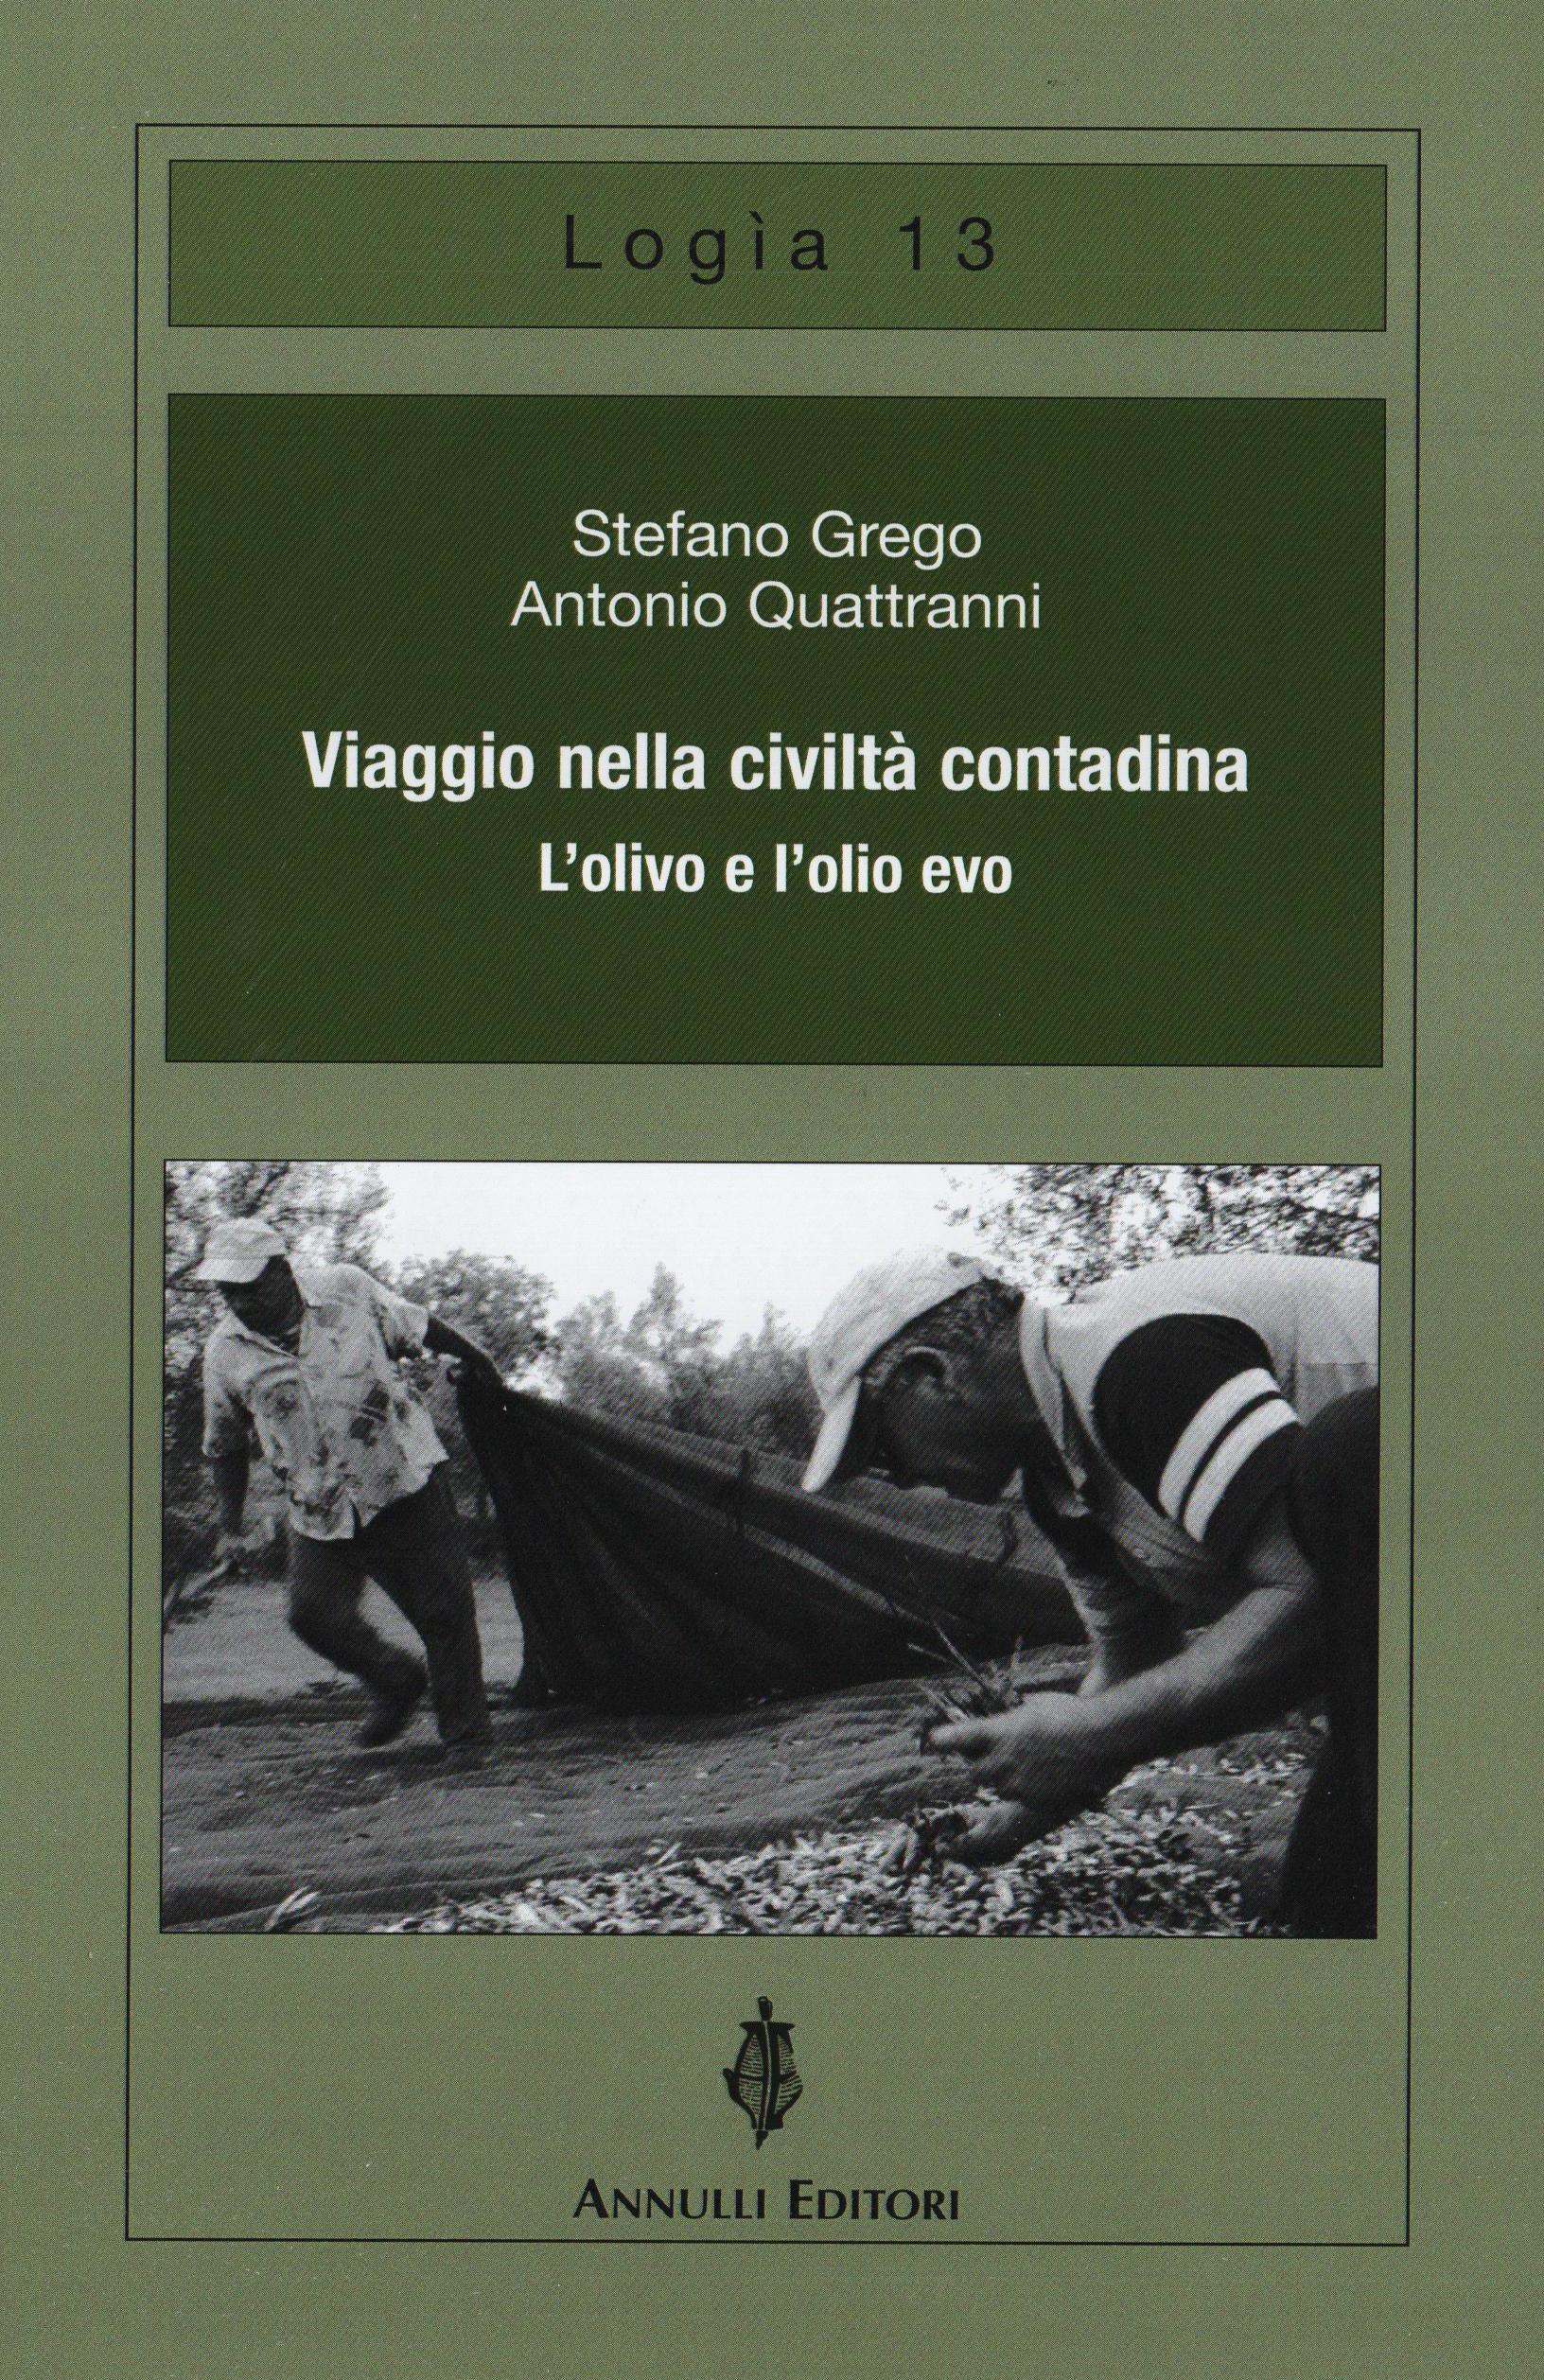 cover L'olivo e l'olio evo_front